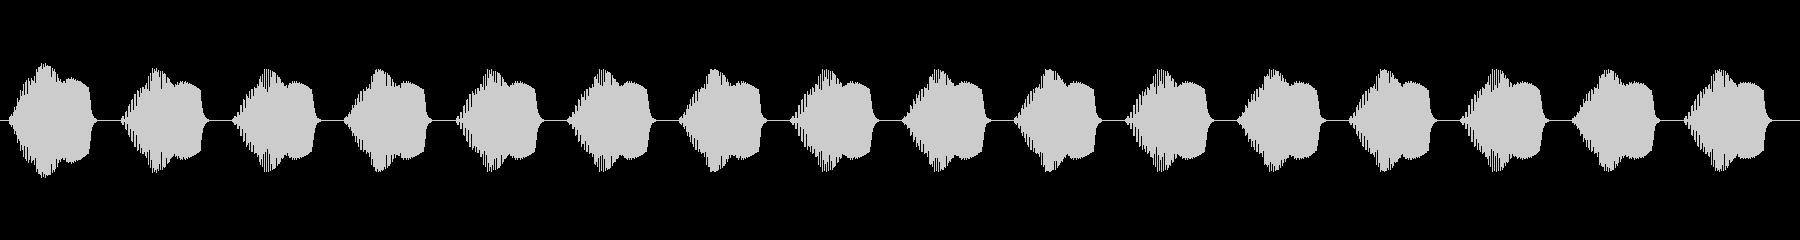 【ポップモーション08-7L】の未再生の波形